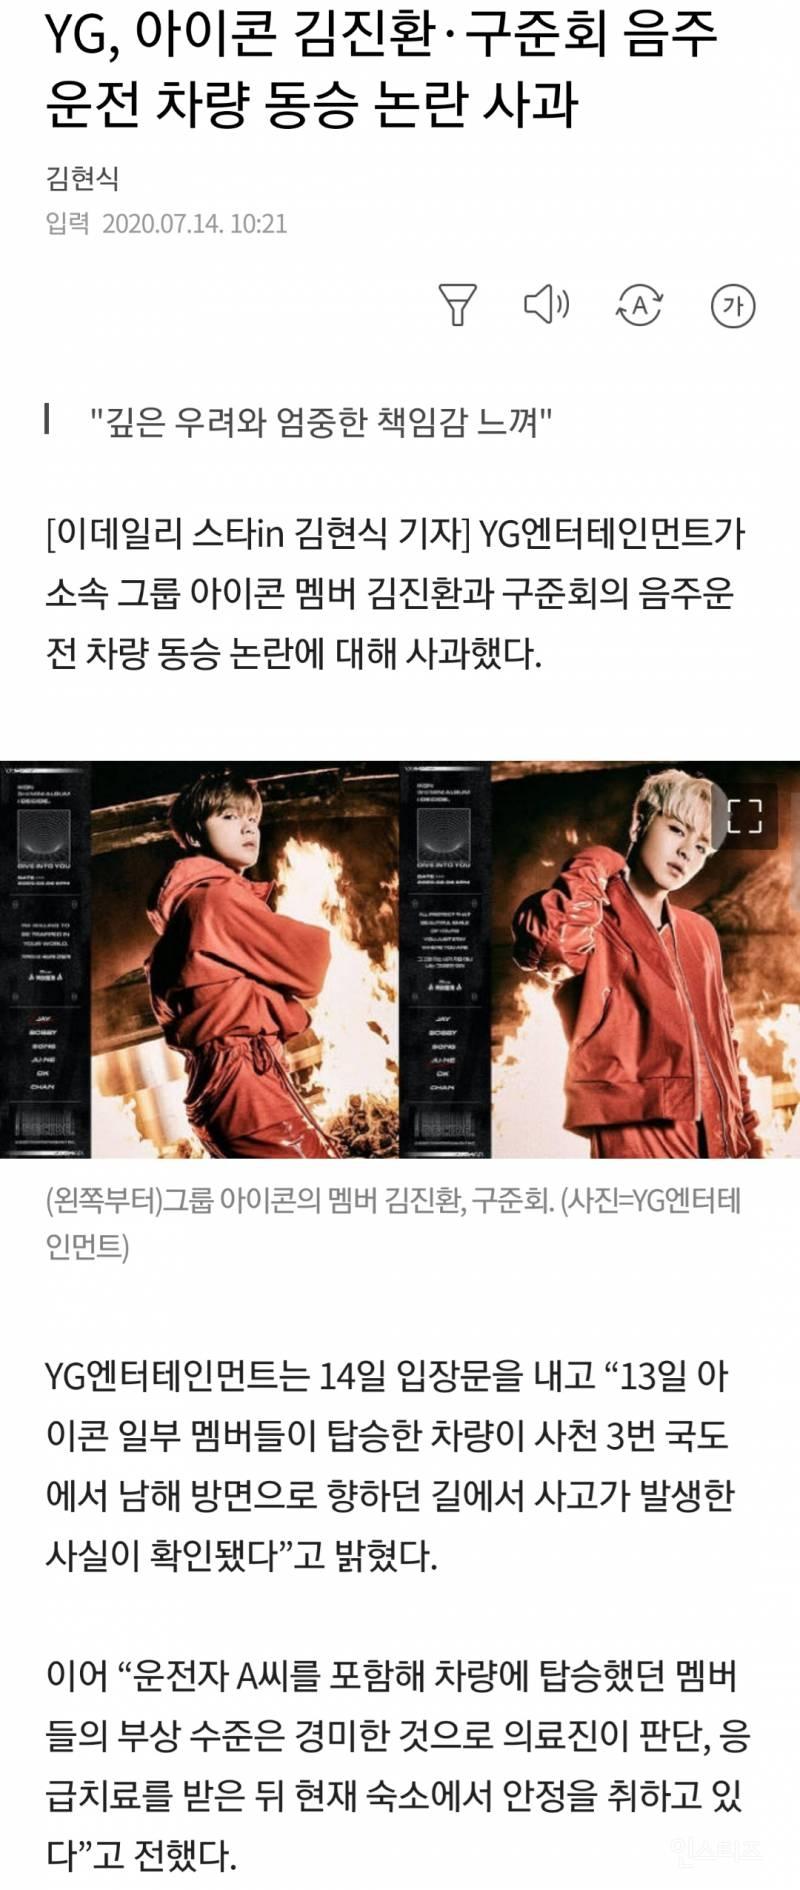 YG, 아이콘 김진환 구준회 음주운전 차량 동승 논란 사과   인스티즈